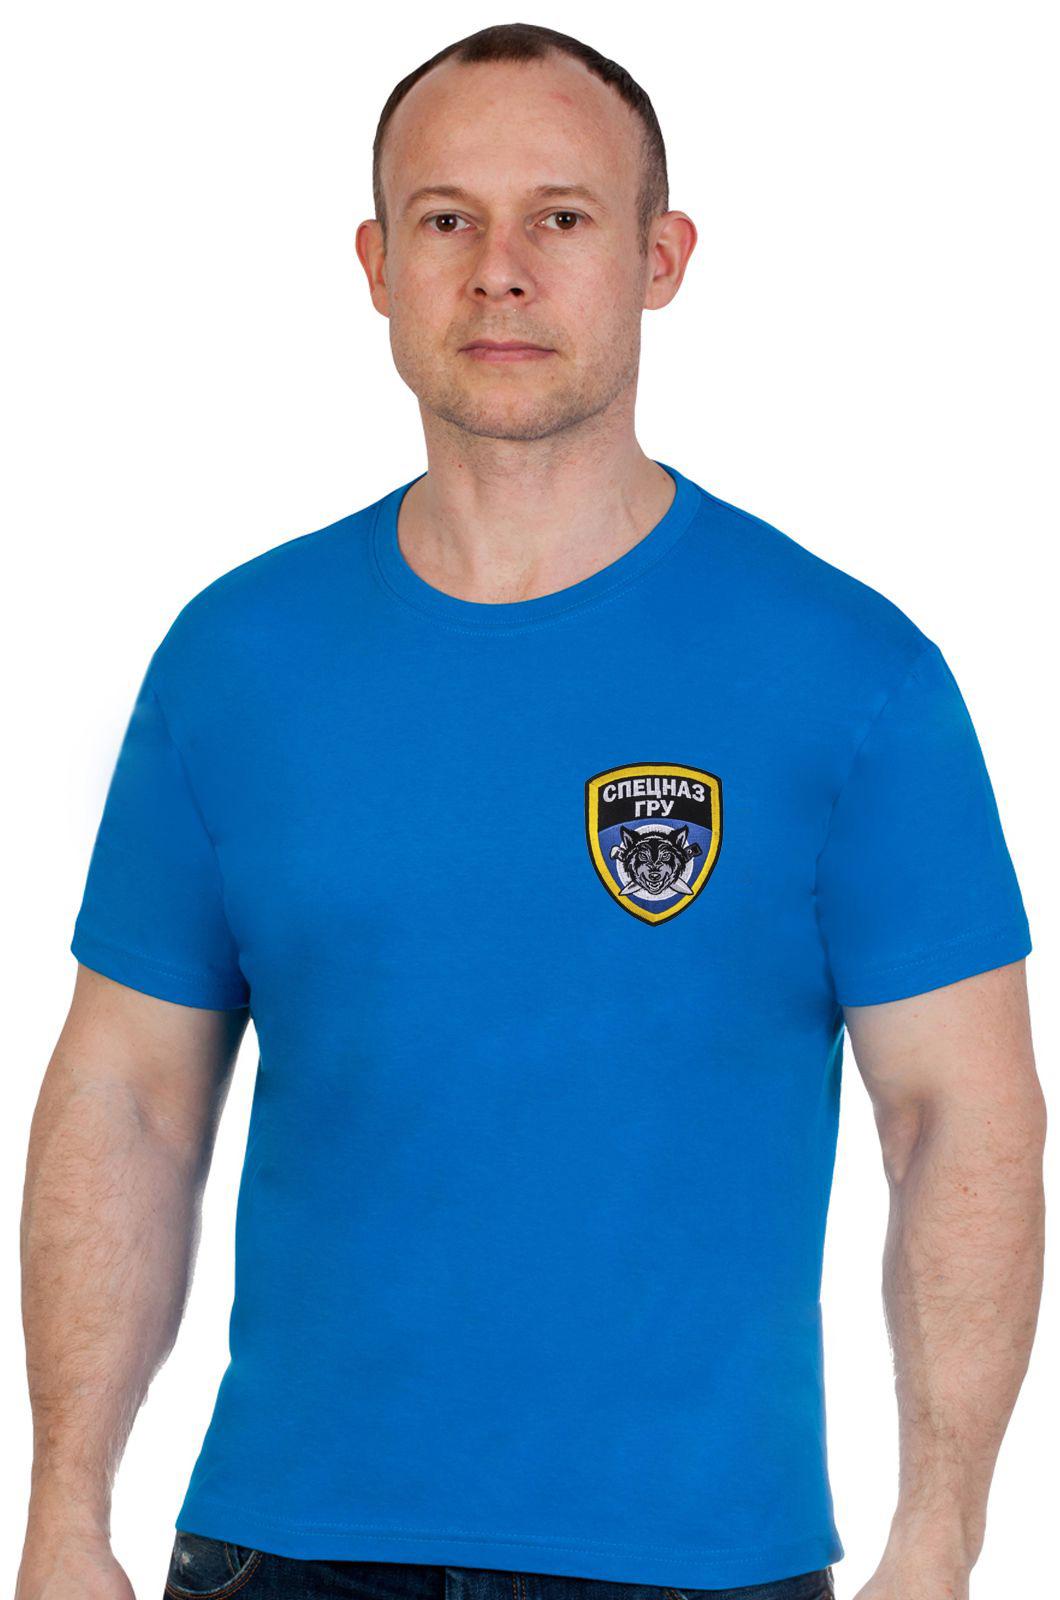 Купить надежную мужскую футболку Спецназ ГРУ в подарок любимому